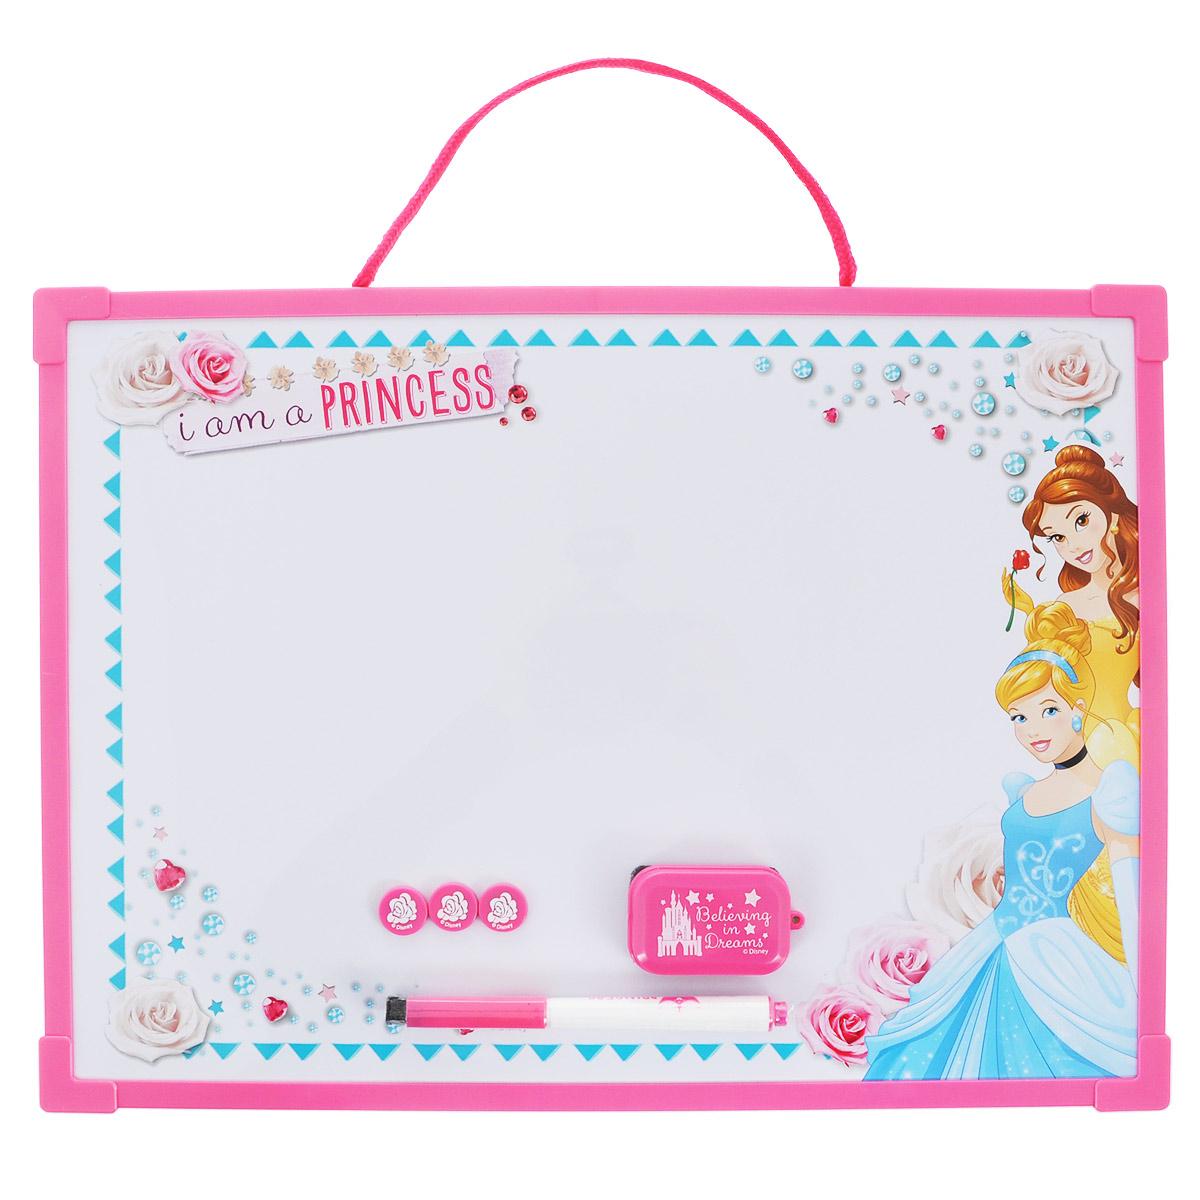 Доска для рисования Princess Пиши-стирай, цвет: розовый, белый. PRCB-US1-Z150098PRCB-US1-Z150098Доска для рисования Princess Пиши-стирай на веревочке, на которой можно создавать различные картины бесконечно! Доска оборудована маркером с фетровым стирателем, губкой для стирания записей и тремя магнитами. Доска для рисования развивает моторику, воображение, концентрацию внимания, цветовое восприятие.